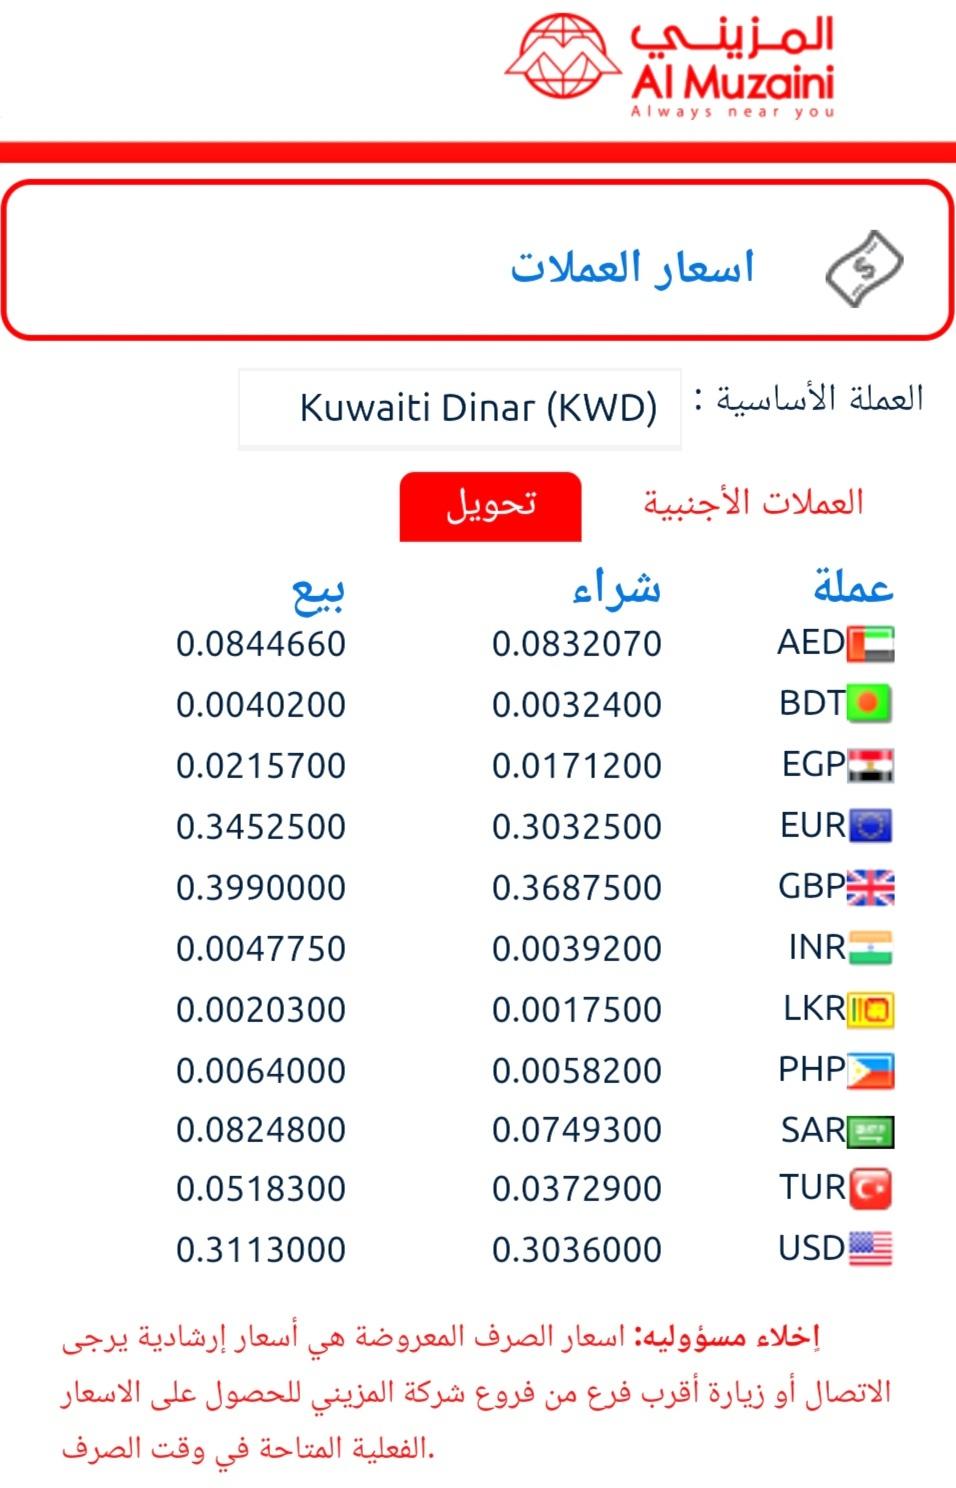 شركة المزيني اون لاين سعر تحويل المزينى سعر الدينار الكويتى اليوم